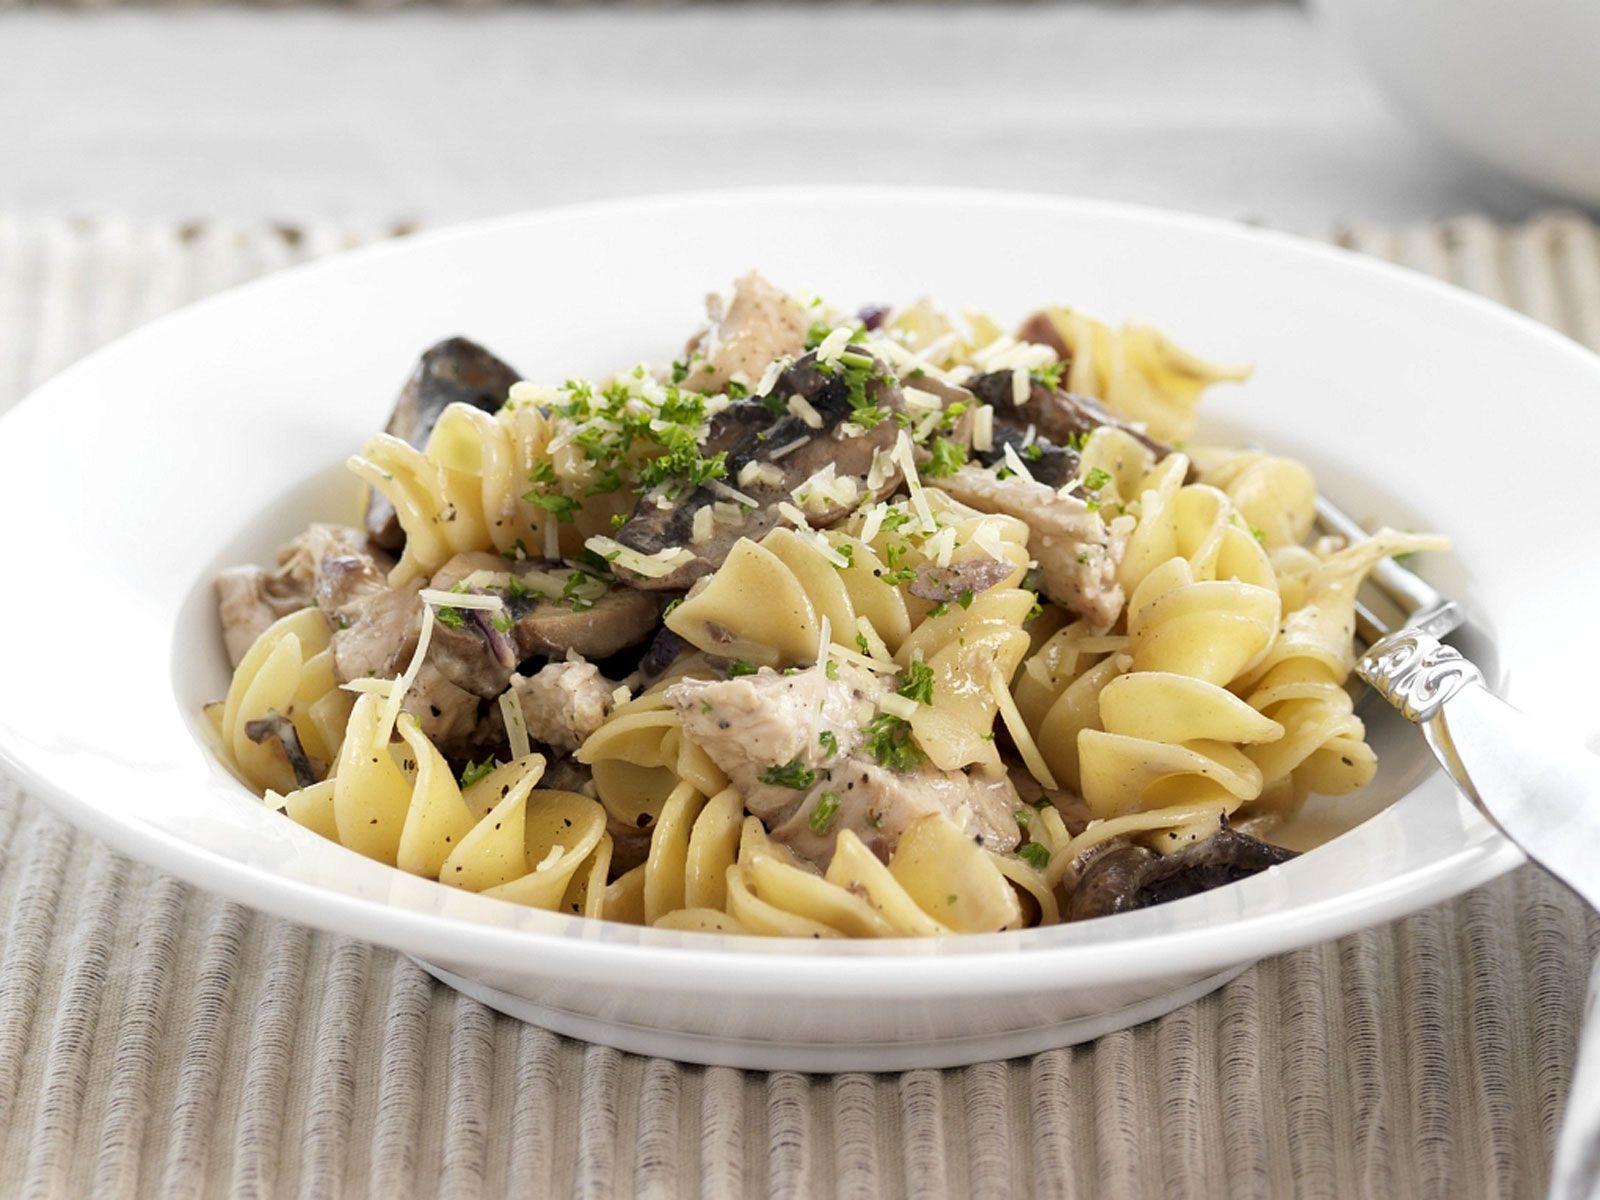 Top Nudeln mit Hähnchen und Pilzen Rezept | EAT SMARTER &VK_67